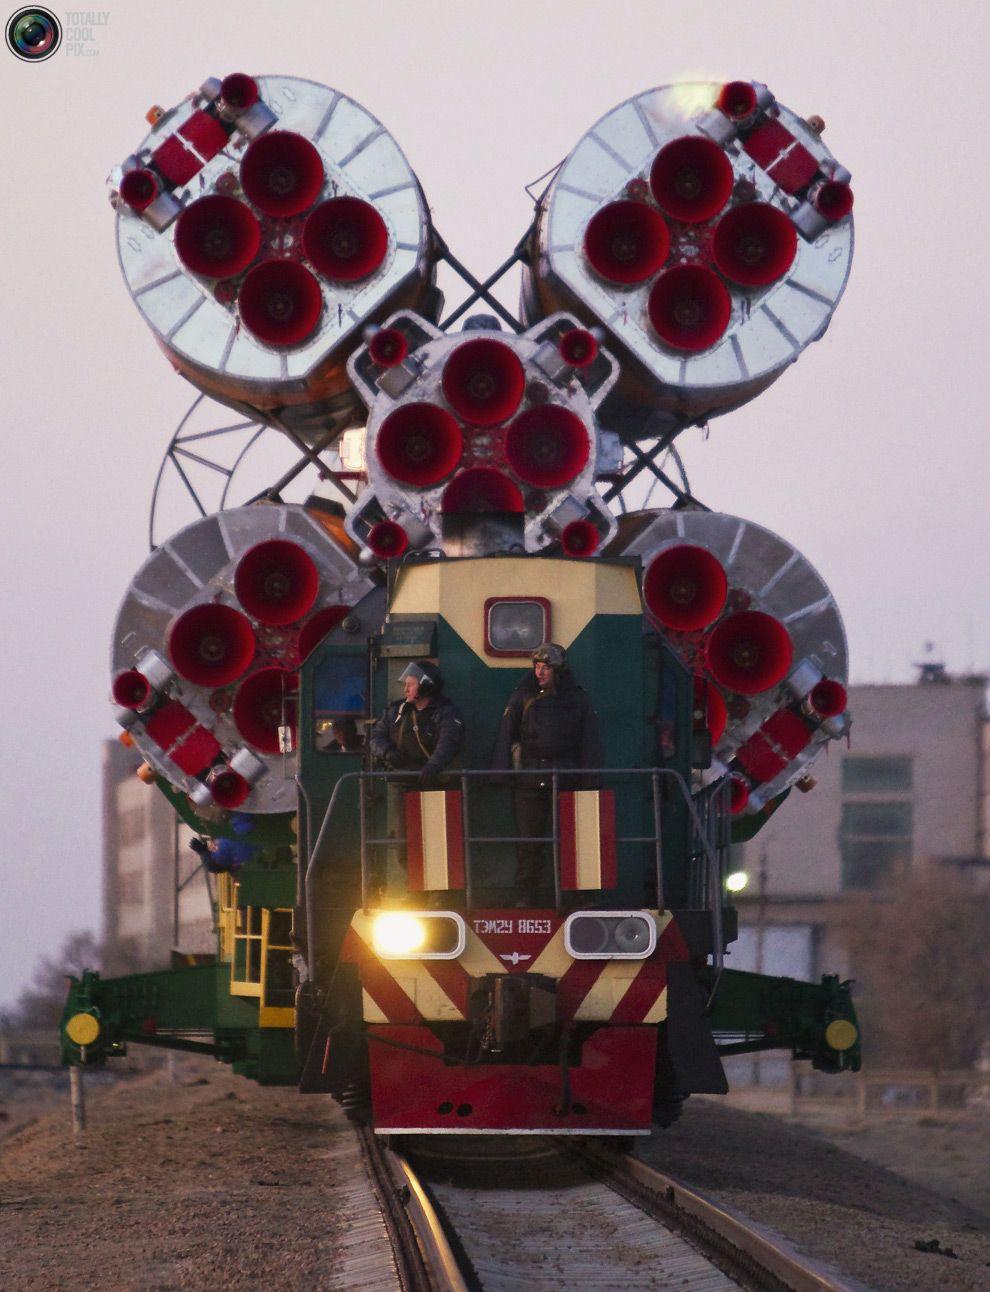 Soyuz TMA-22 Spacecraft Lauch